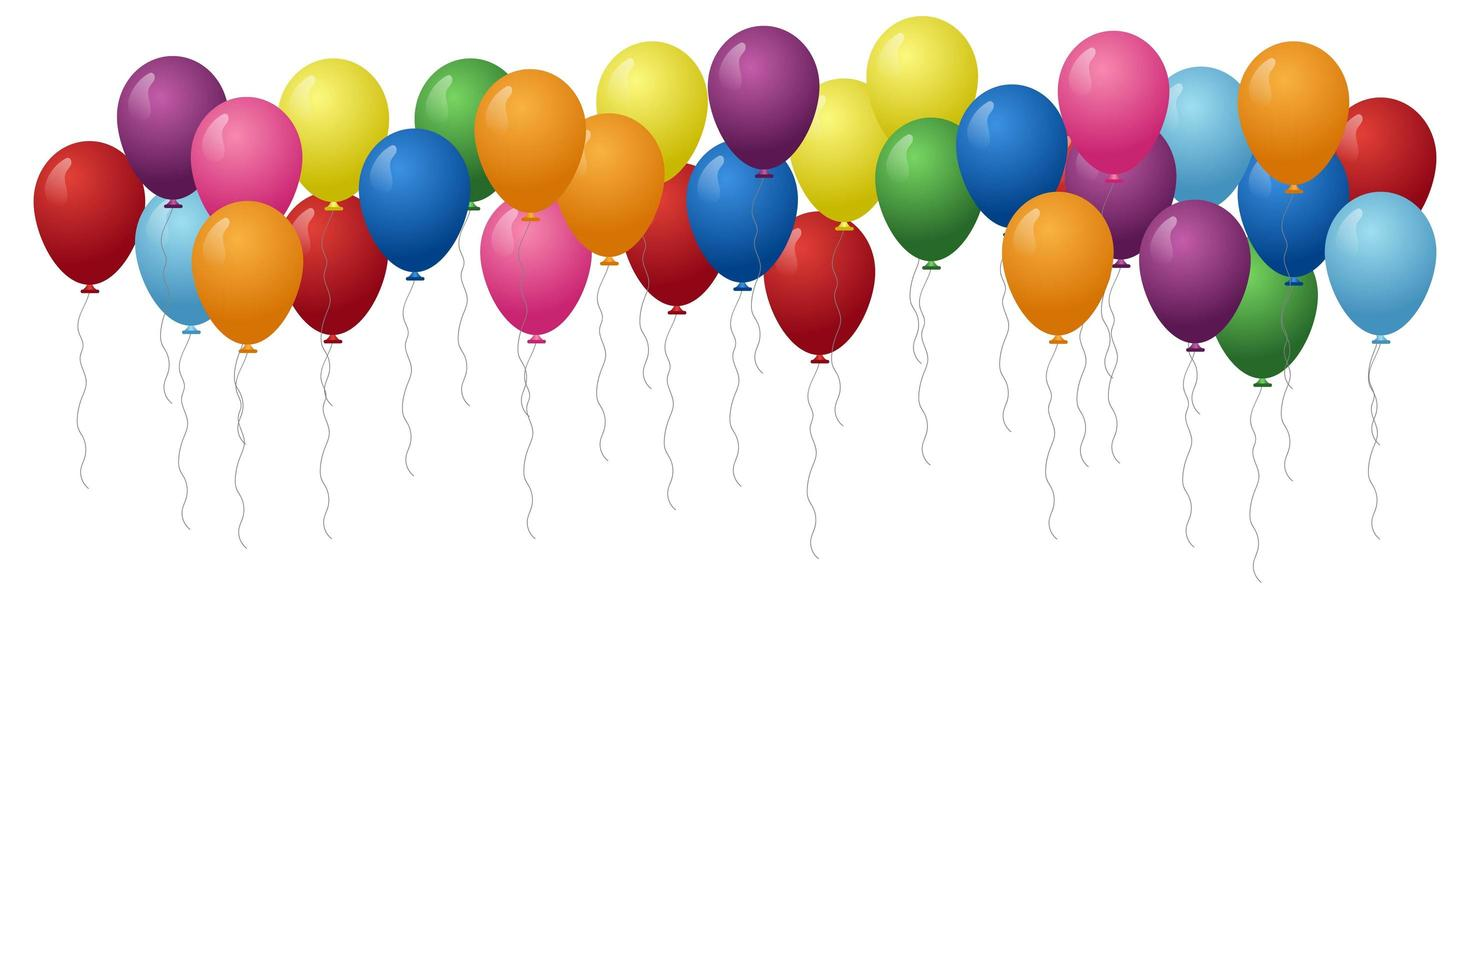 globos multicolores flotando vector